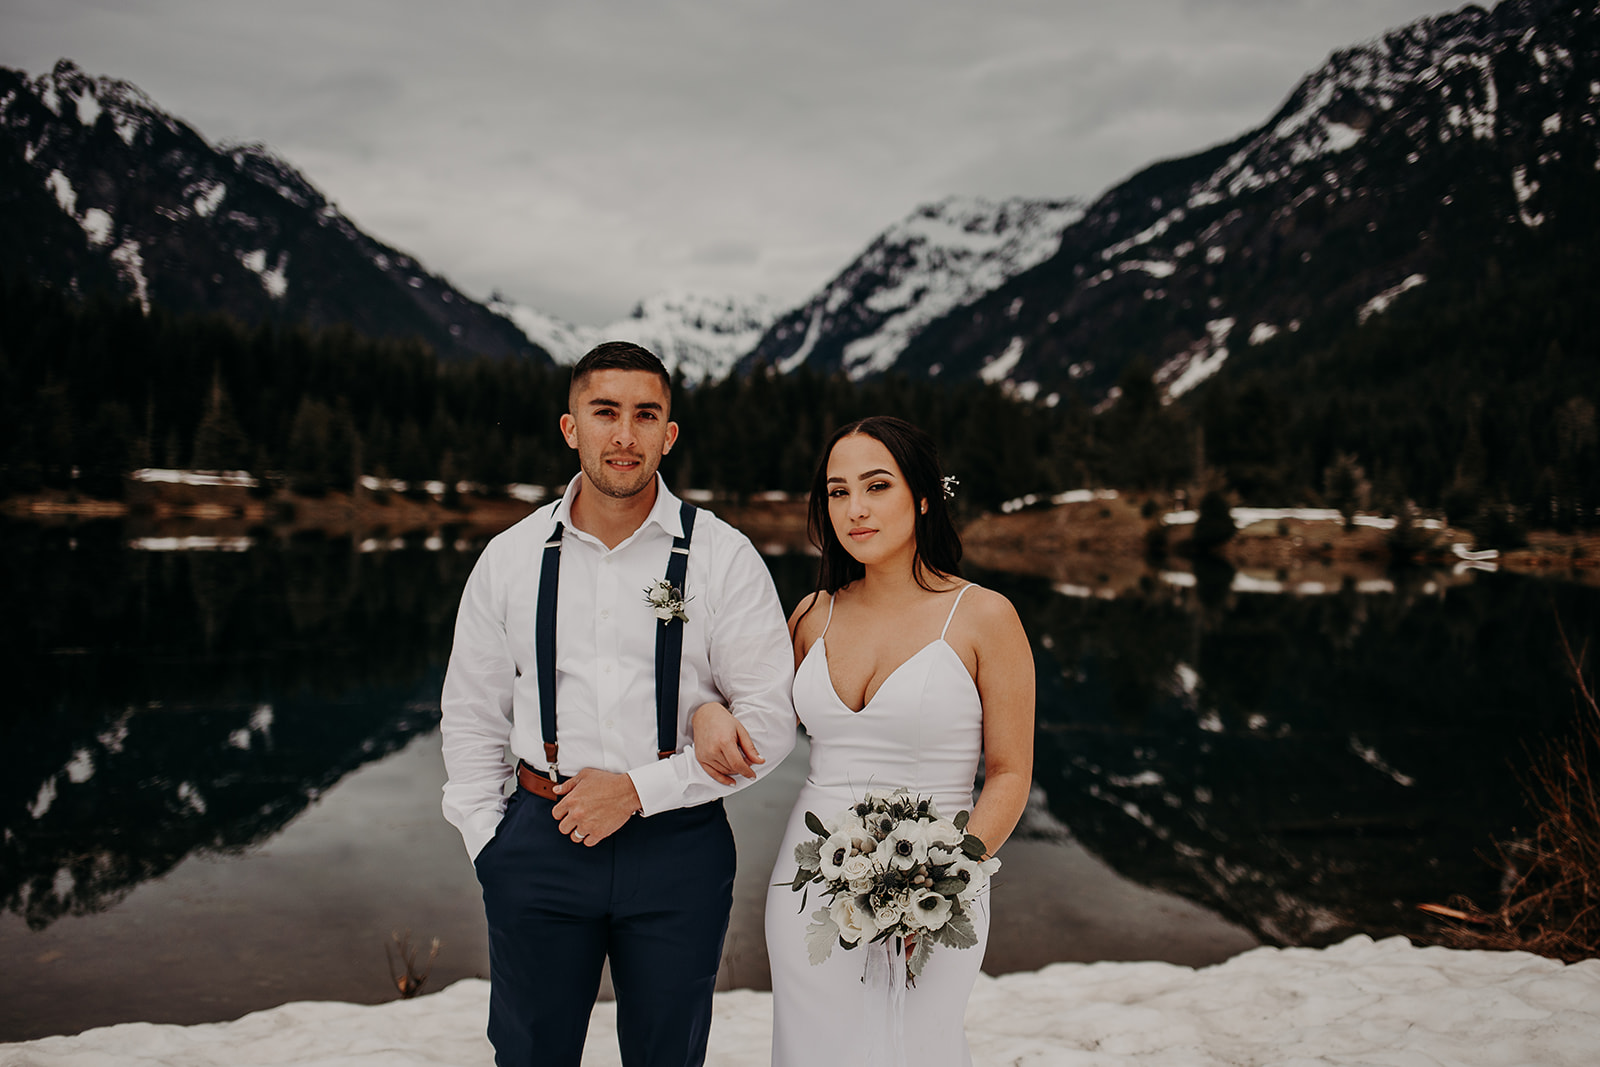 winter-mountain-elopement-asheville-wedding-photographer-megan-gallagher-photographer (28).jpg